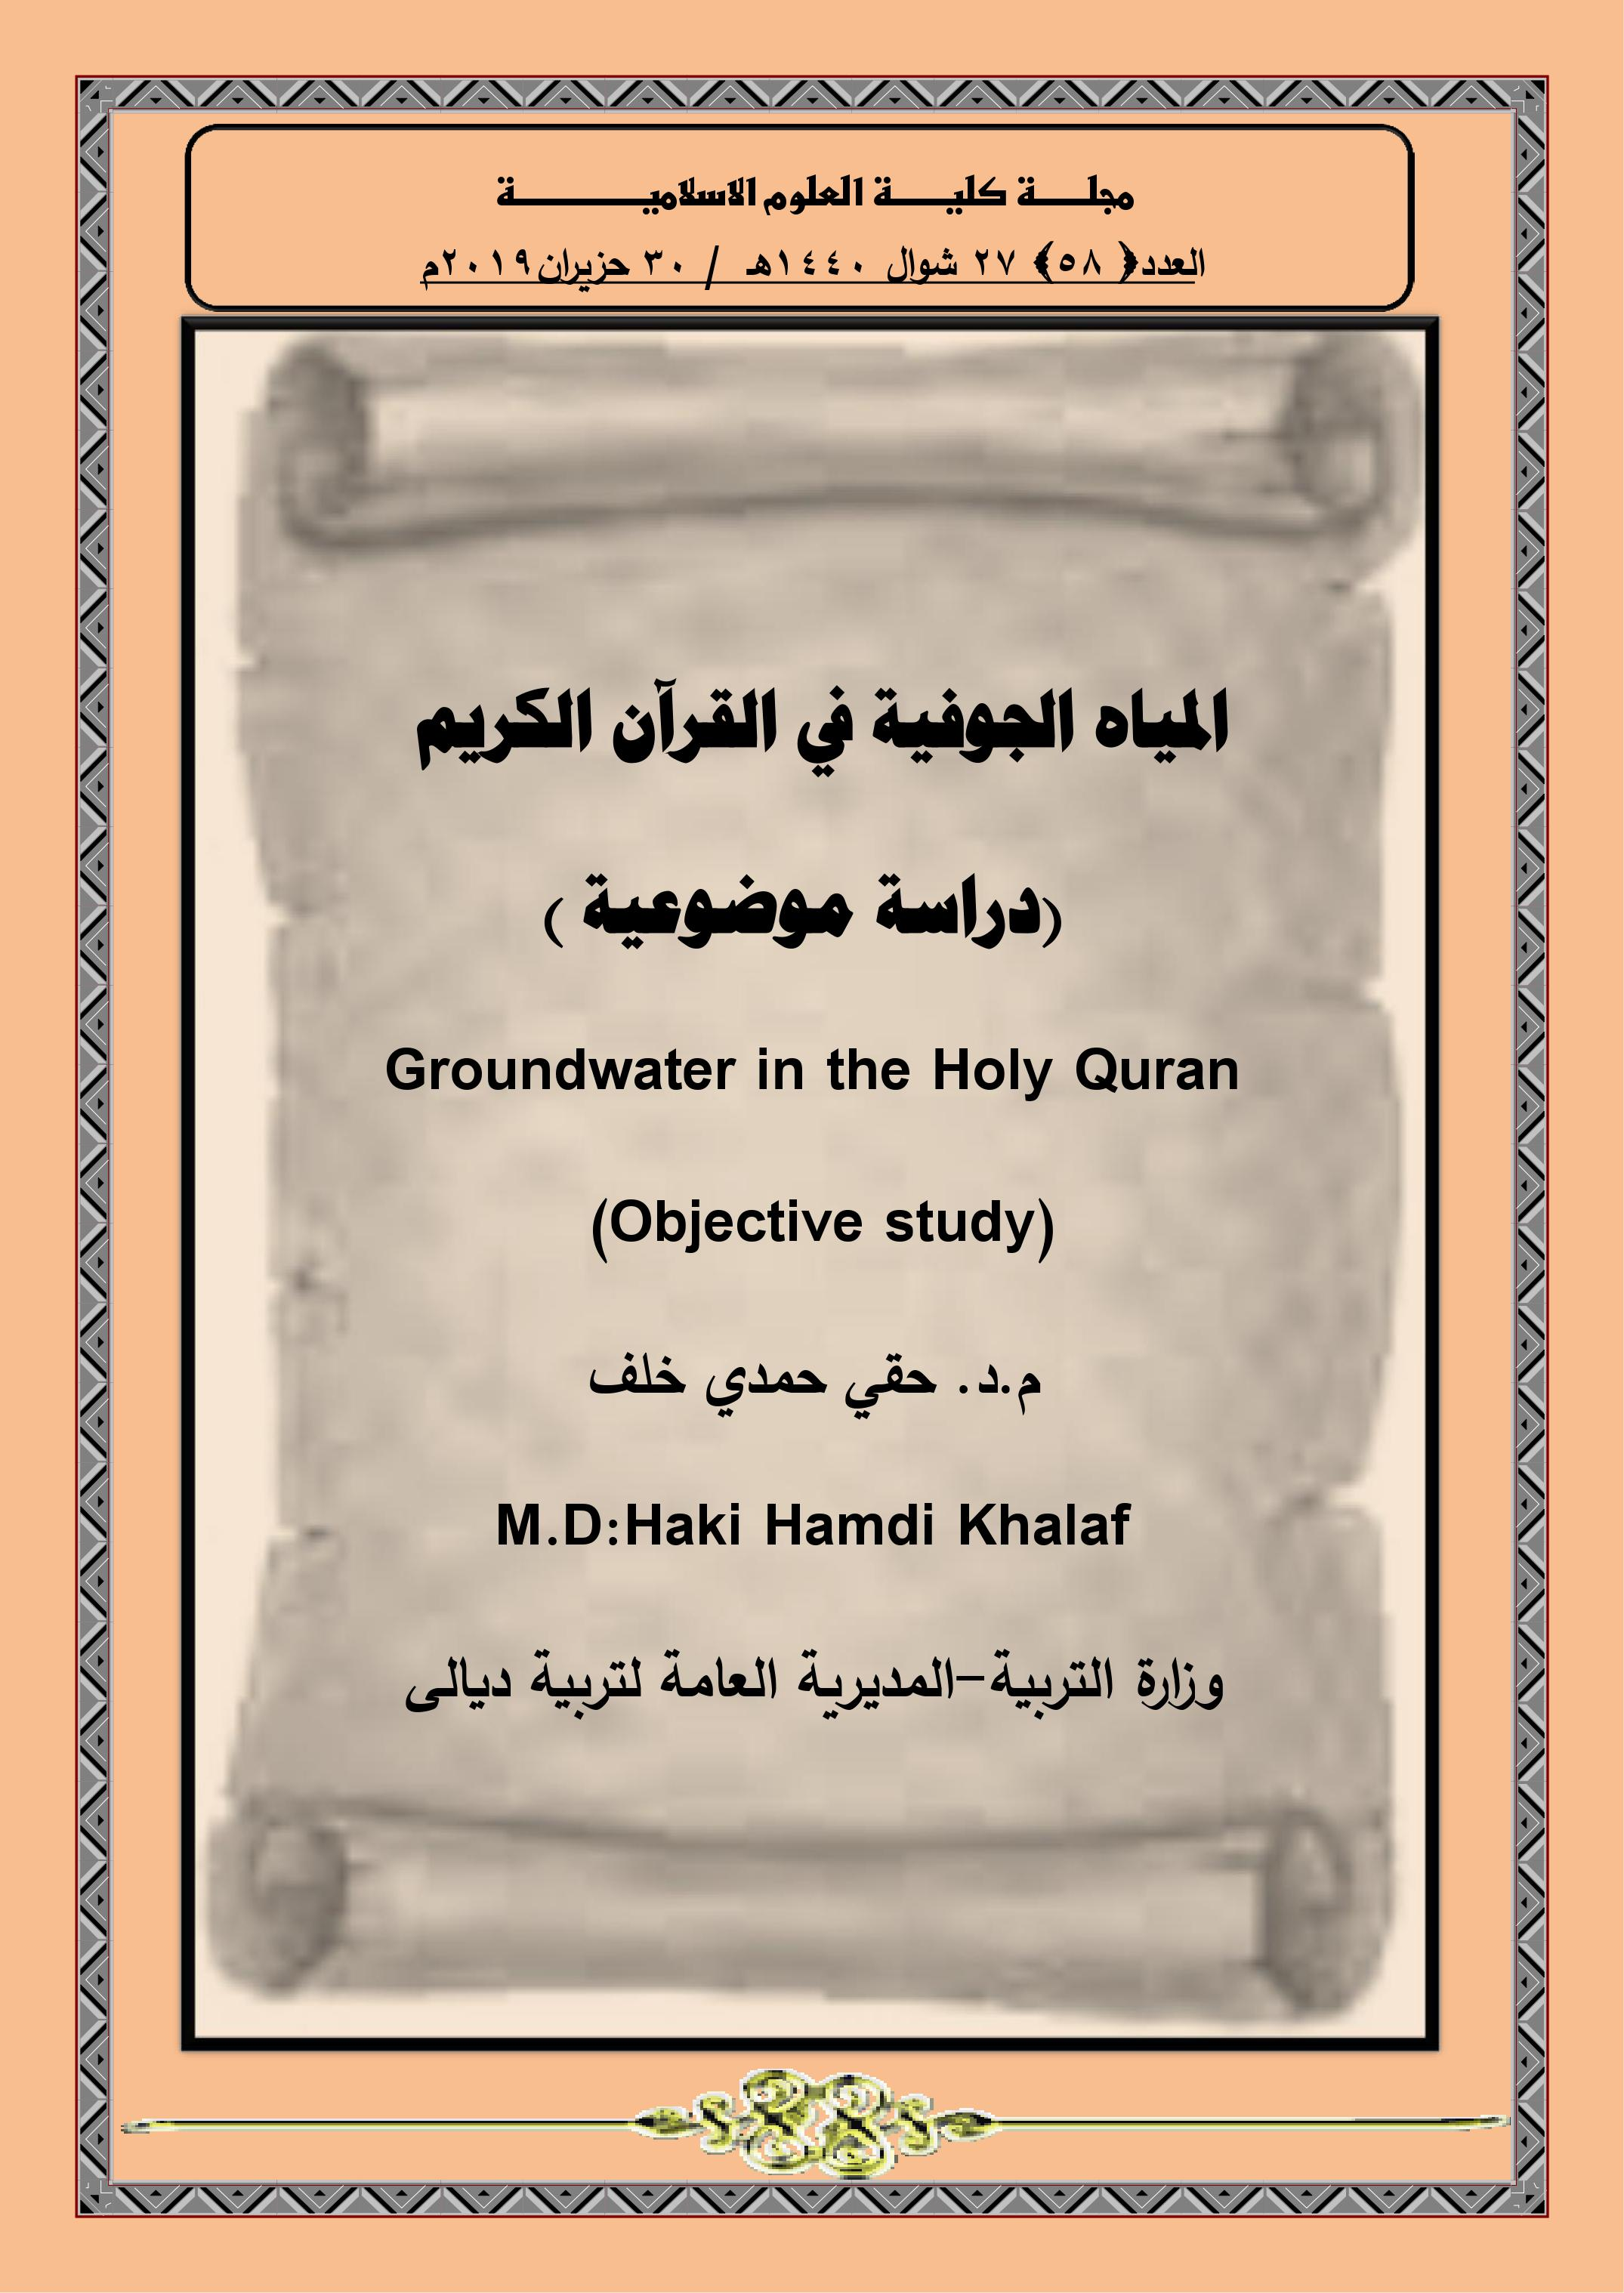 المياه الجوفية في القرآن الكريم  (دراسة موضوعية )